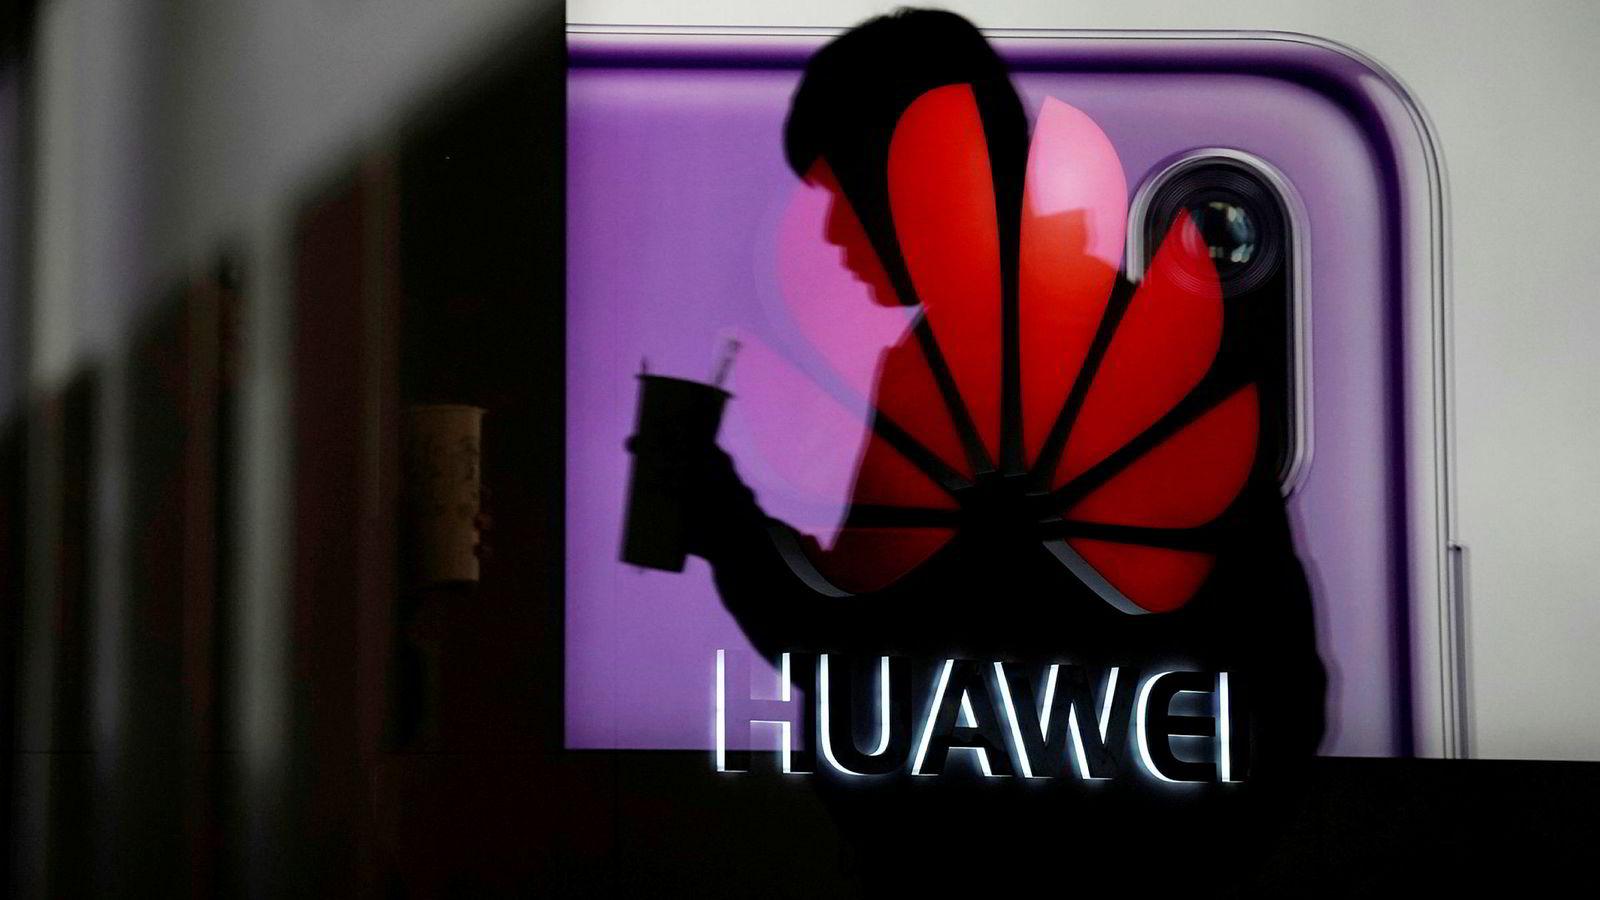 Huawei kan bli holdt utenfor utbyggingen av neste generasjons mobilnett i Norge.